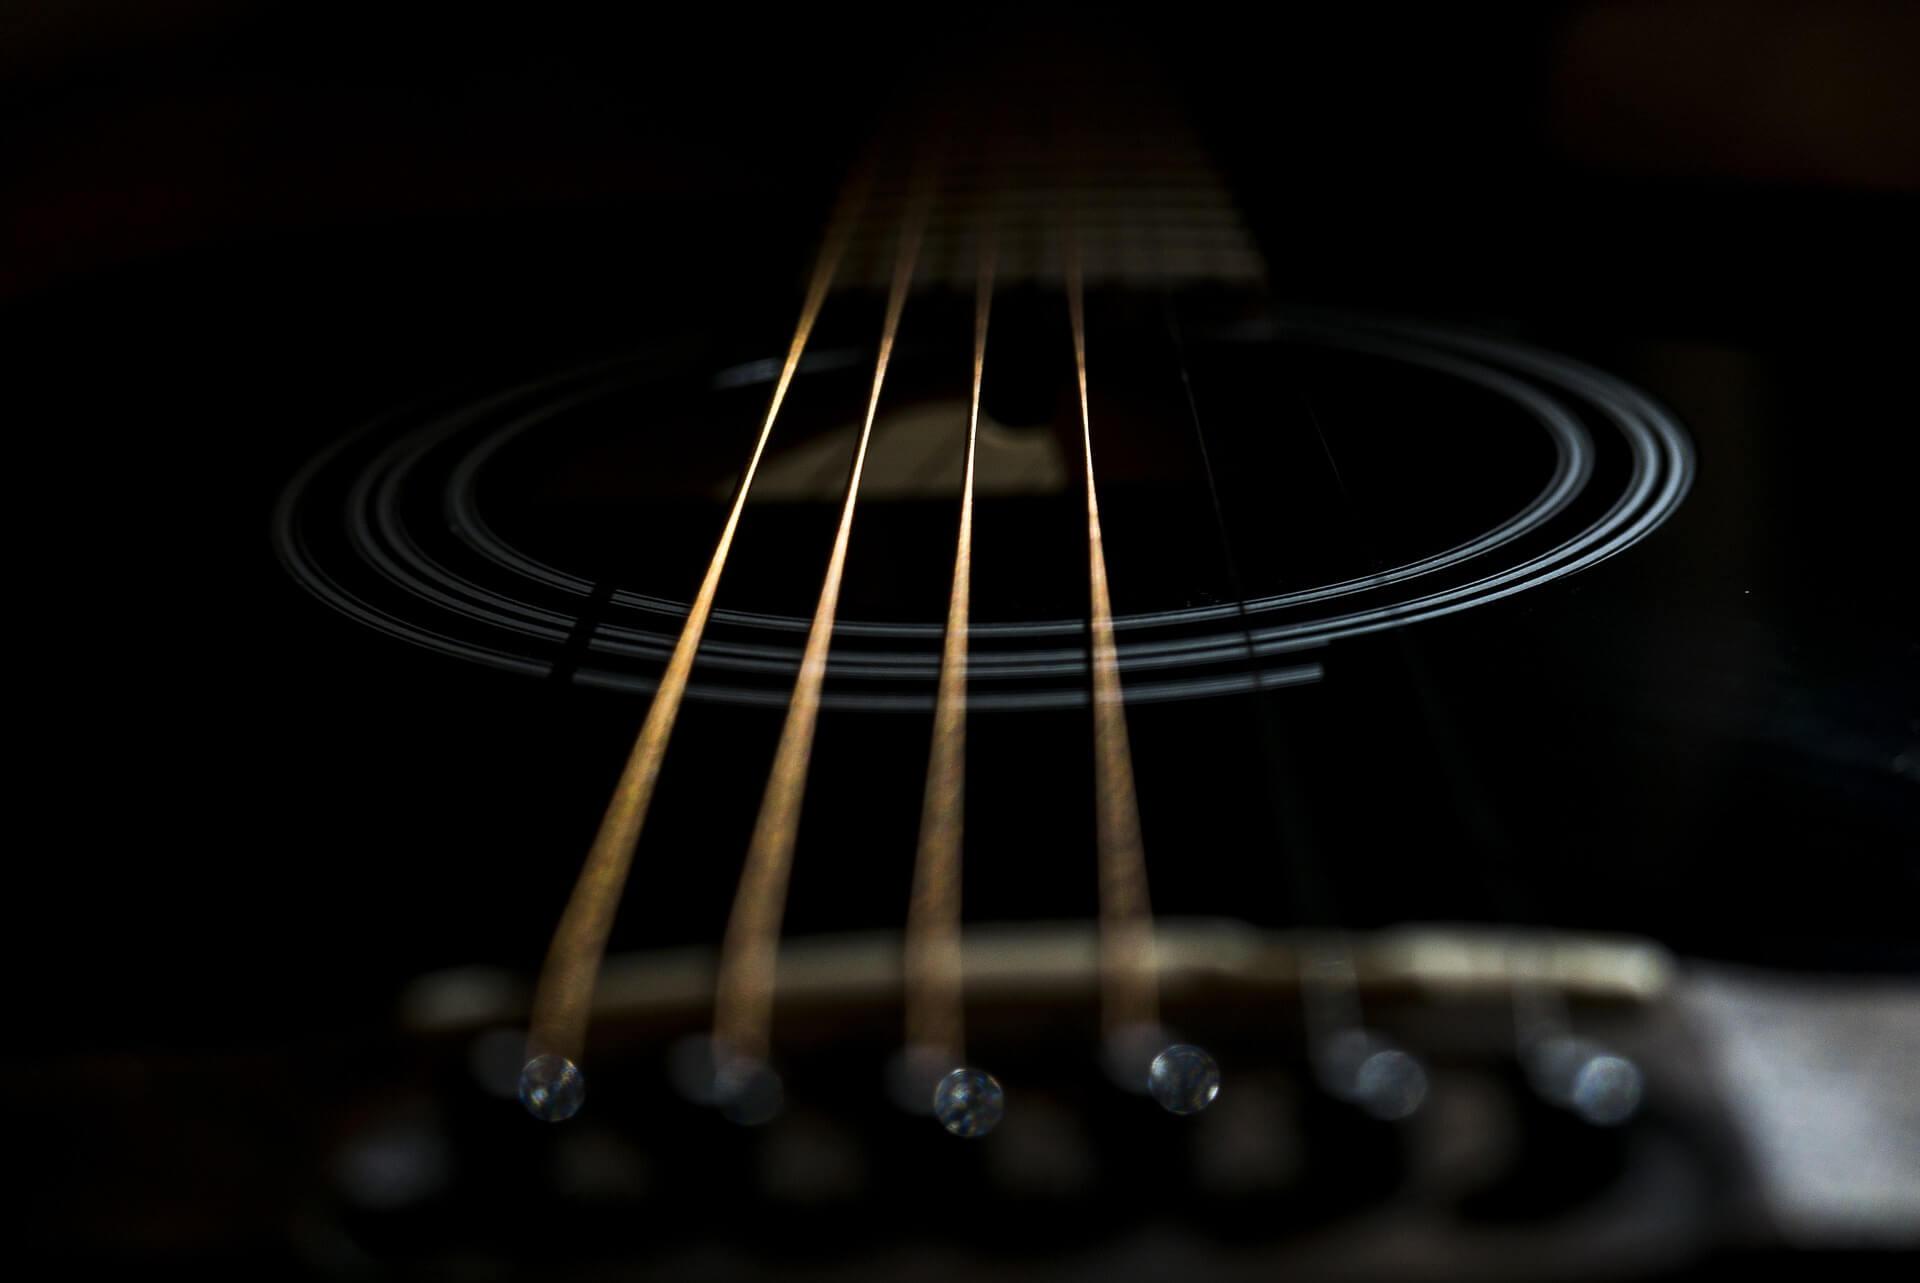 גיטרה אקוסטית שחורה- סוגי המיתרים בגיטרה